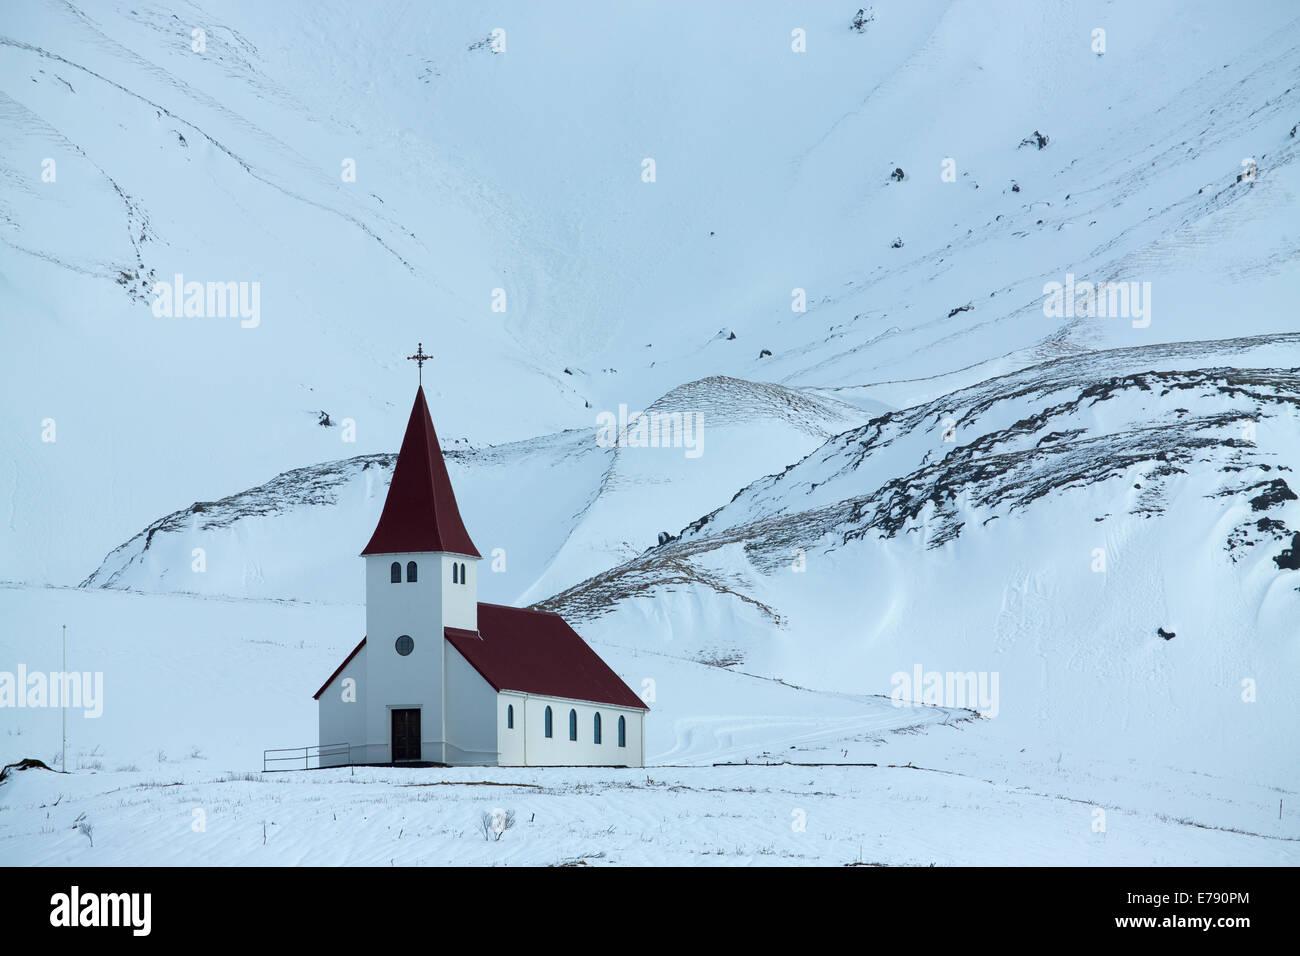 La chiesa al di sopra del villaggio di Vík í Mýrdal, sud dell'Islanda Immagini Stock